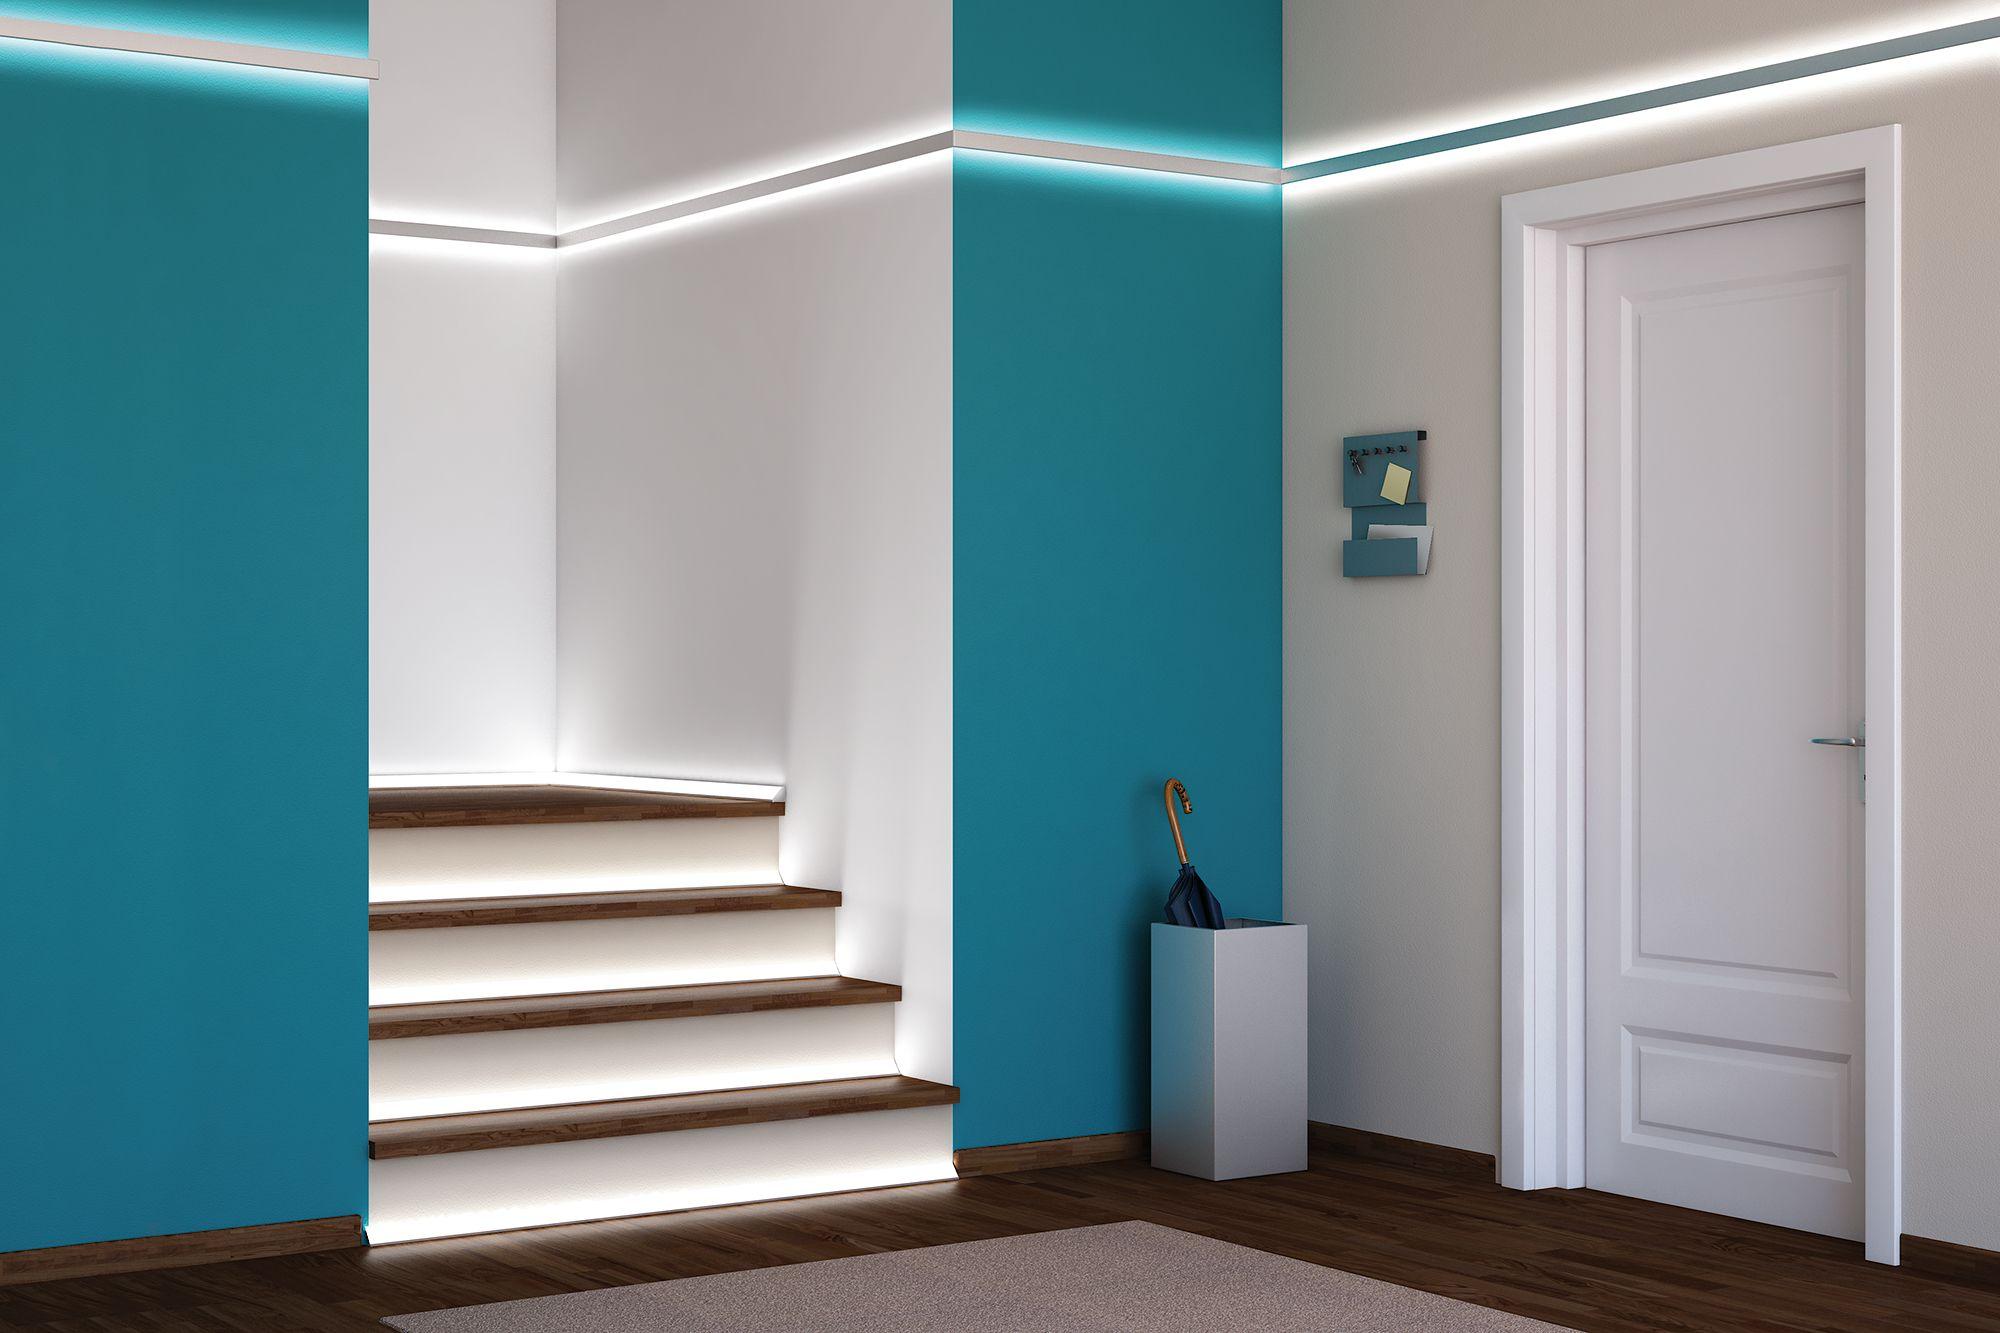 Pin Von Silvia Weilerscheidt Fidanza Auf Beleuchtung Led Lichtband Led Treppenbeleuchtung Led Band